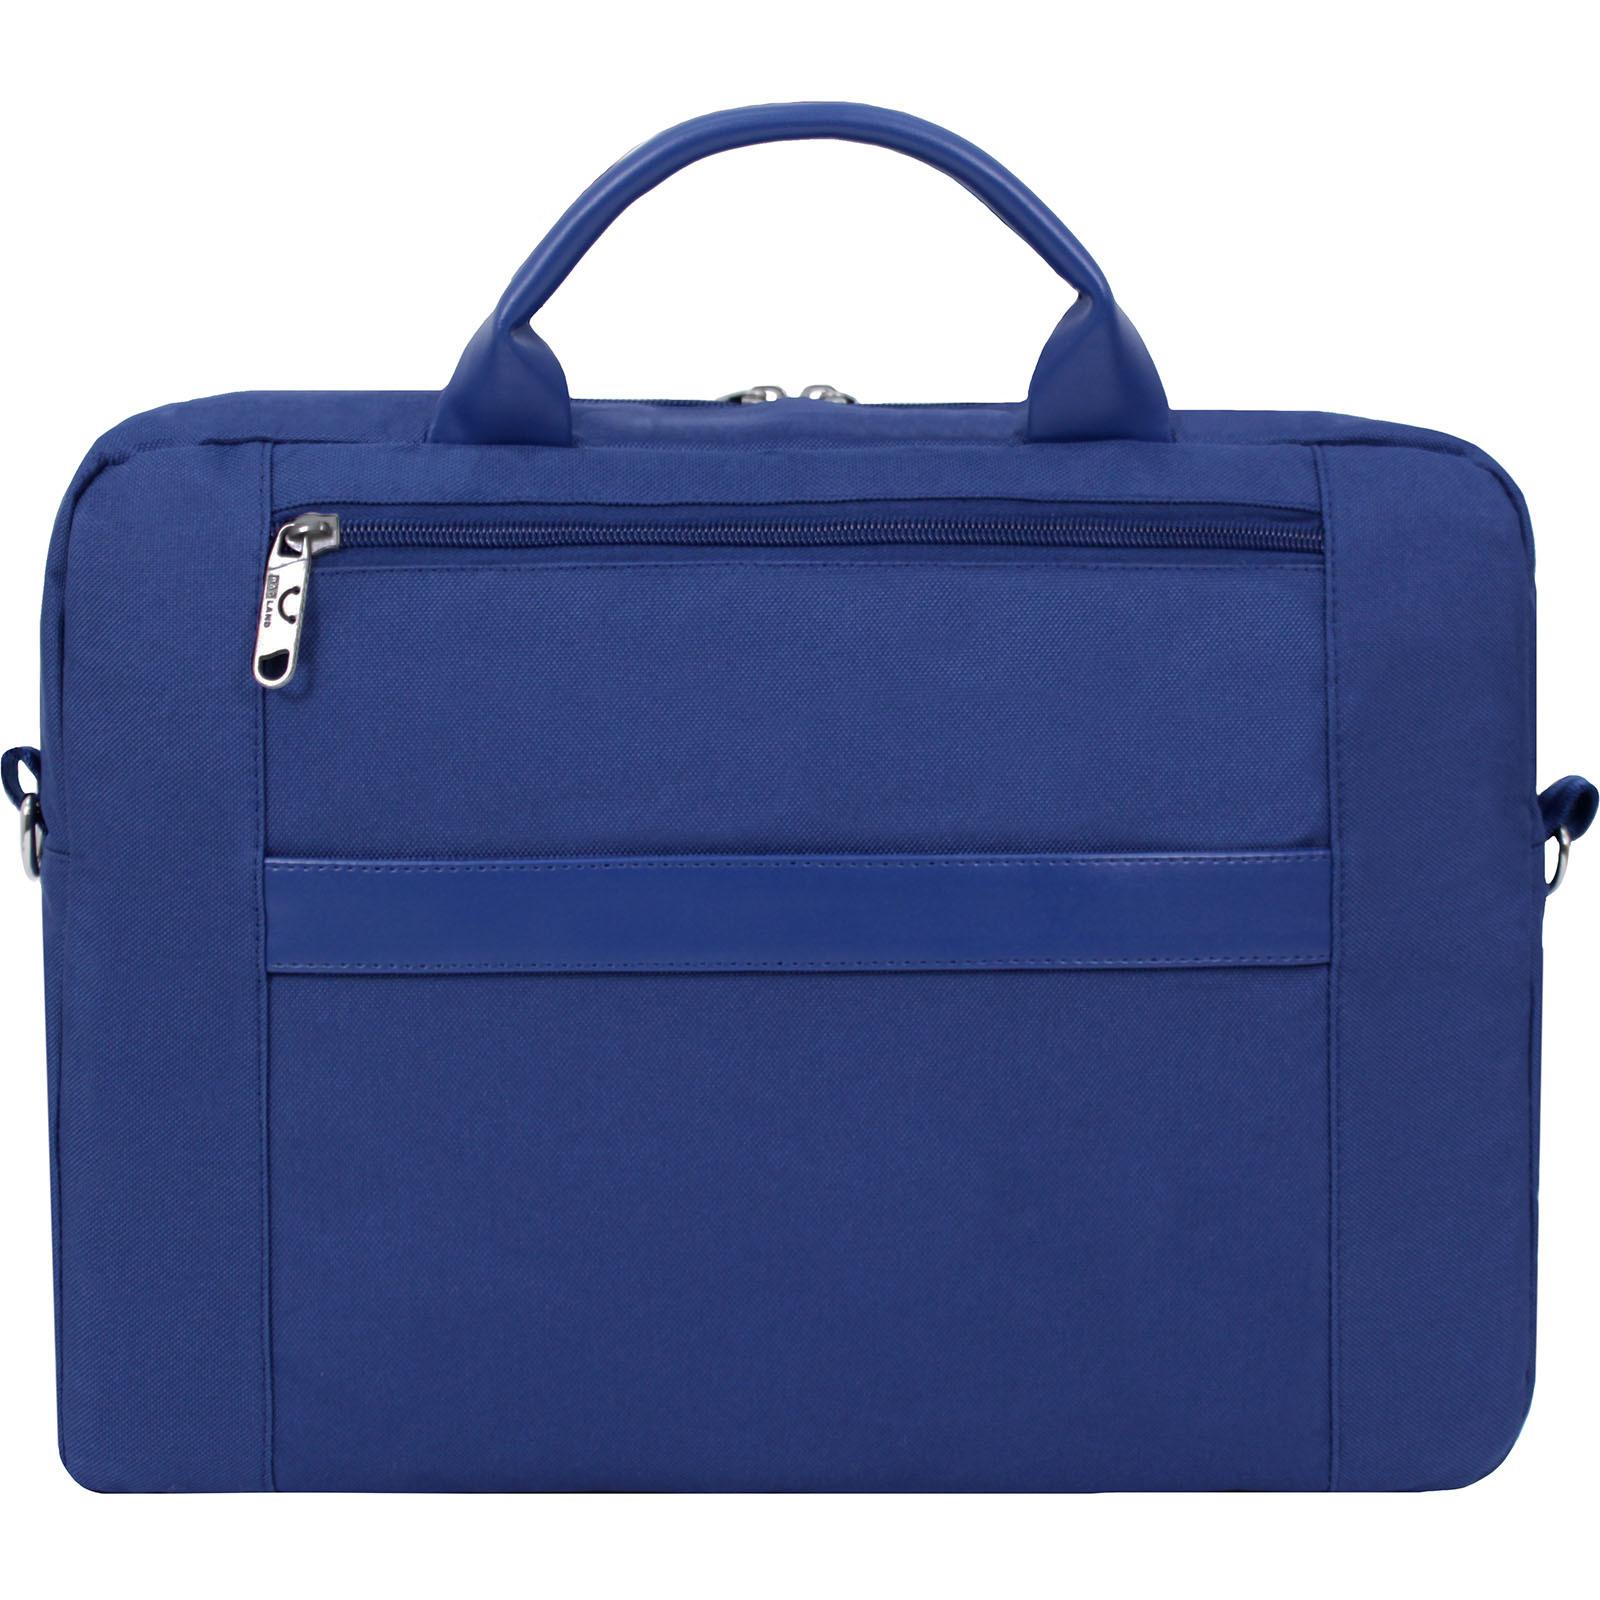 Сумка для ноутбука Bagland Fremont 11 л. синий (0042766) фото 3